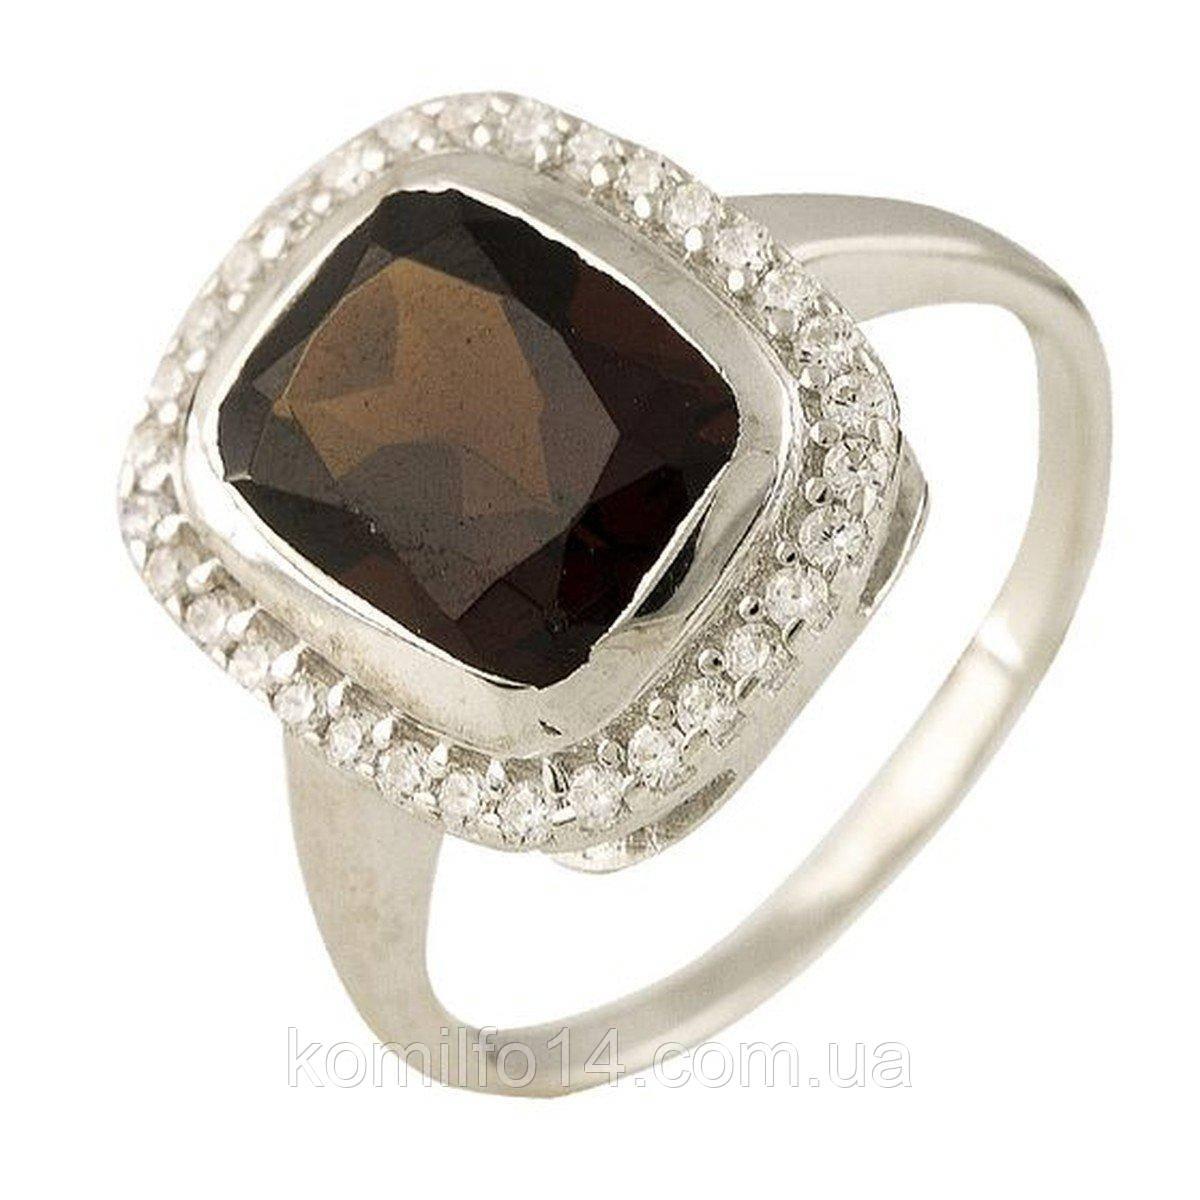 Серебряное кольцо с натуральным гранатом